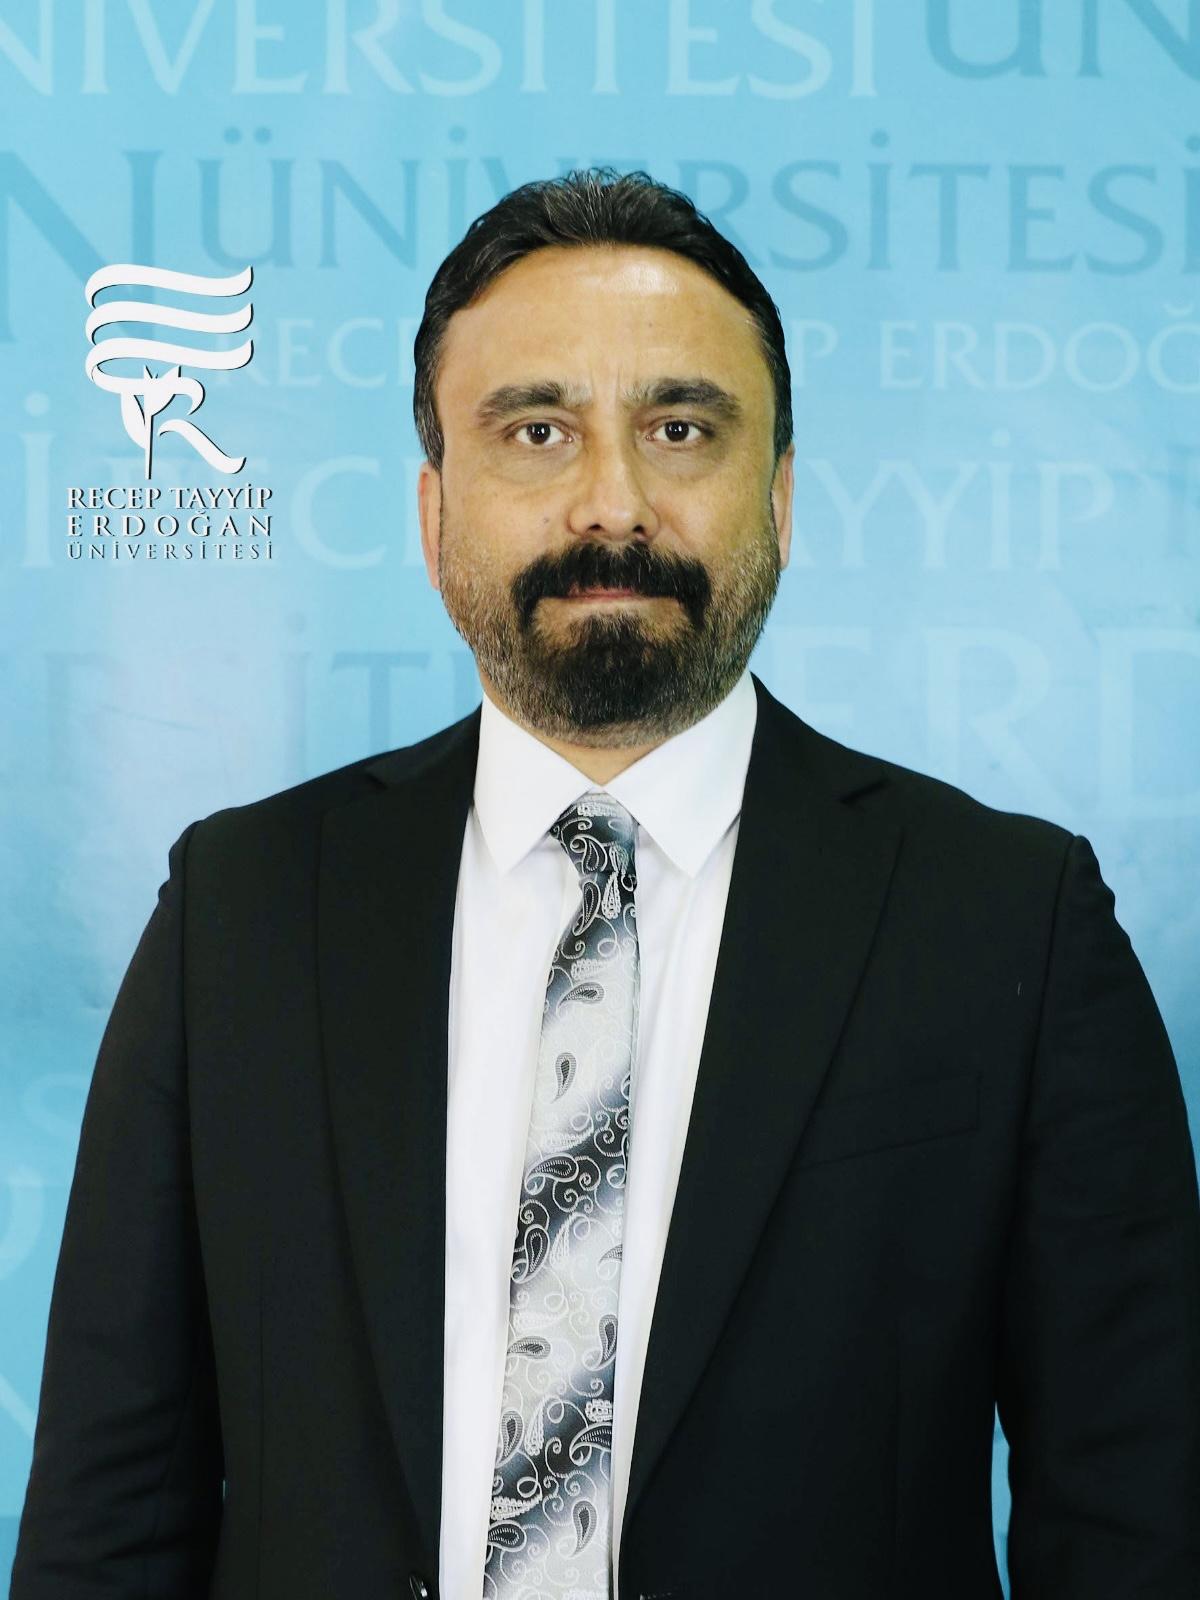 Prof. Dr. HASAN BALTAŞ